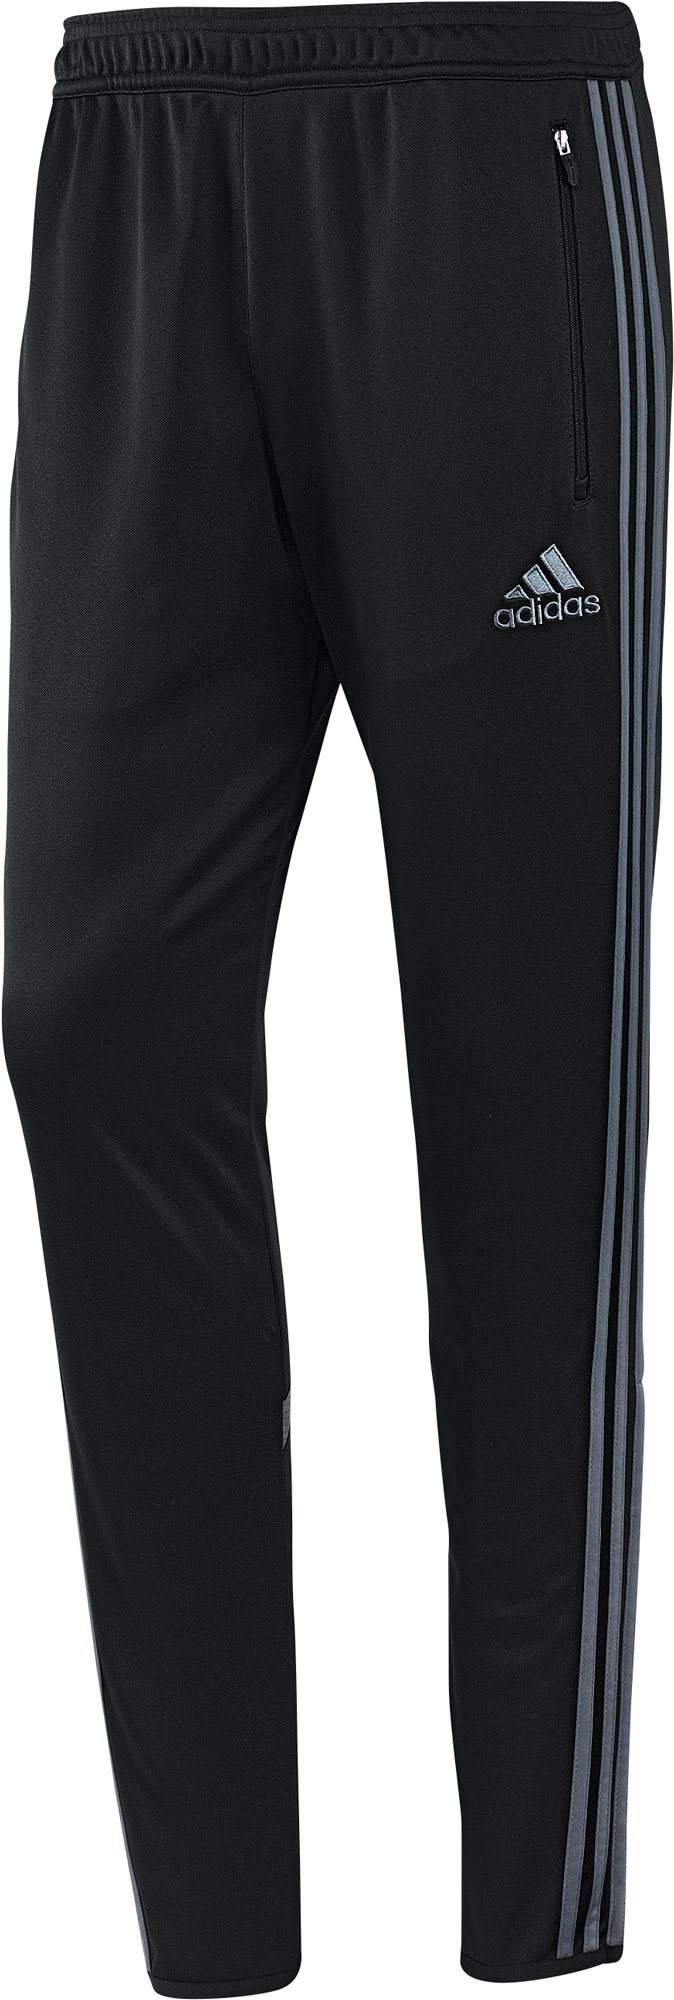 adidas - Harjoitushousut Condivo 14 Black Grey  bcb6ec8c60